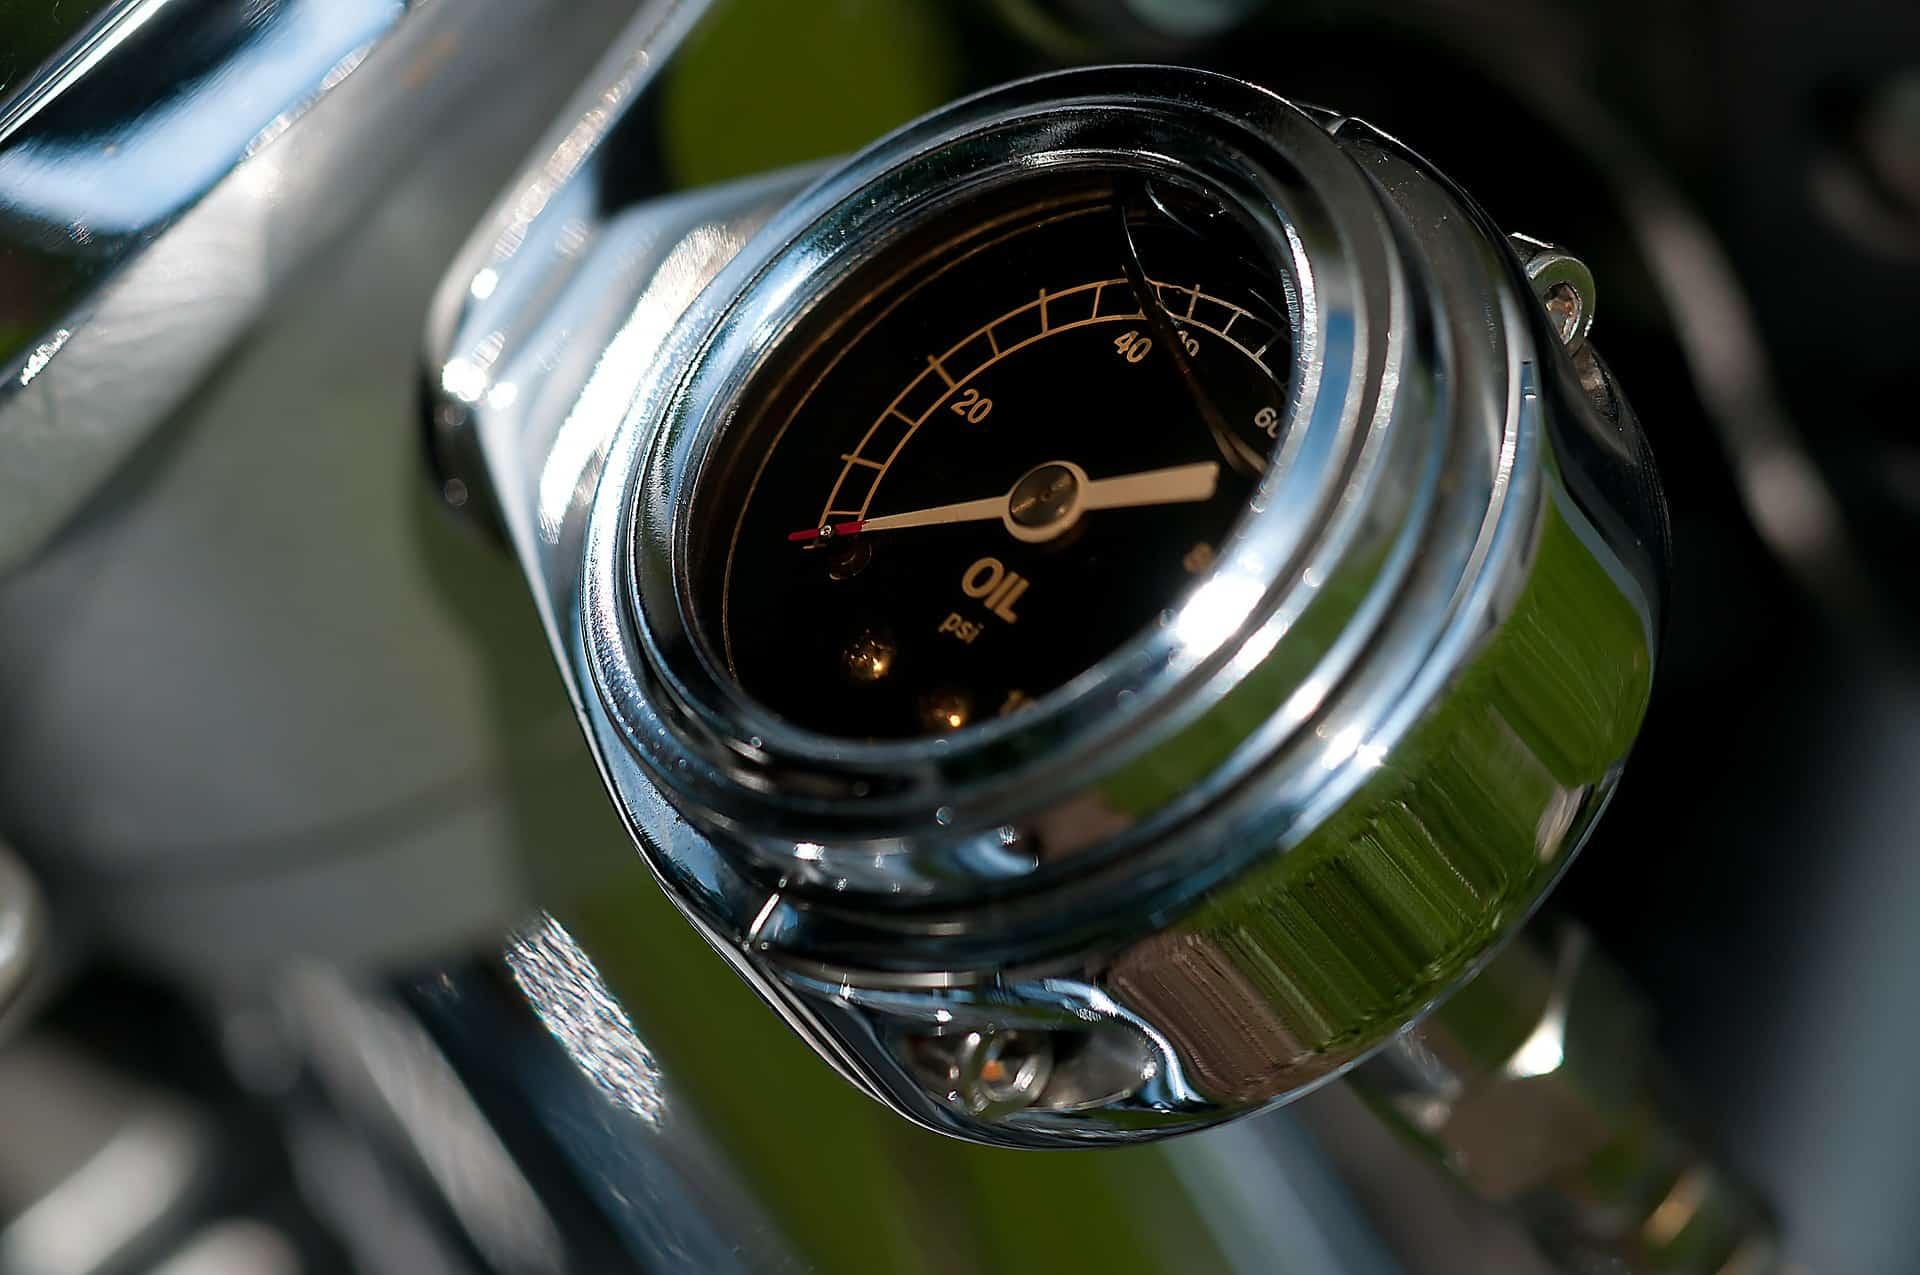 oil meter gauge